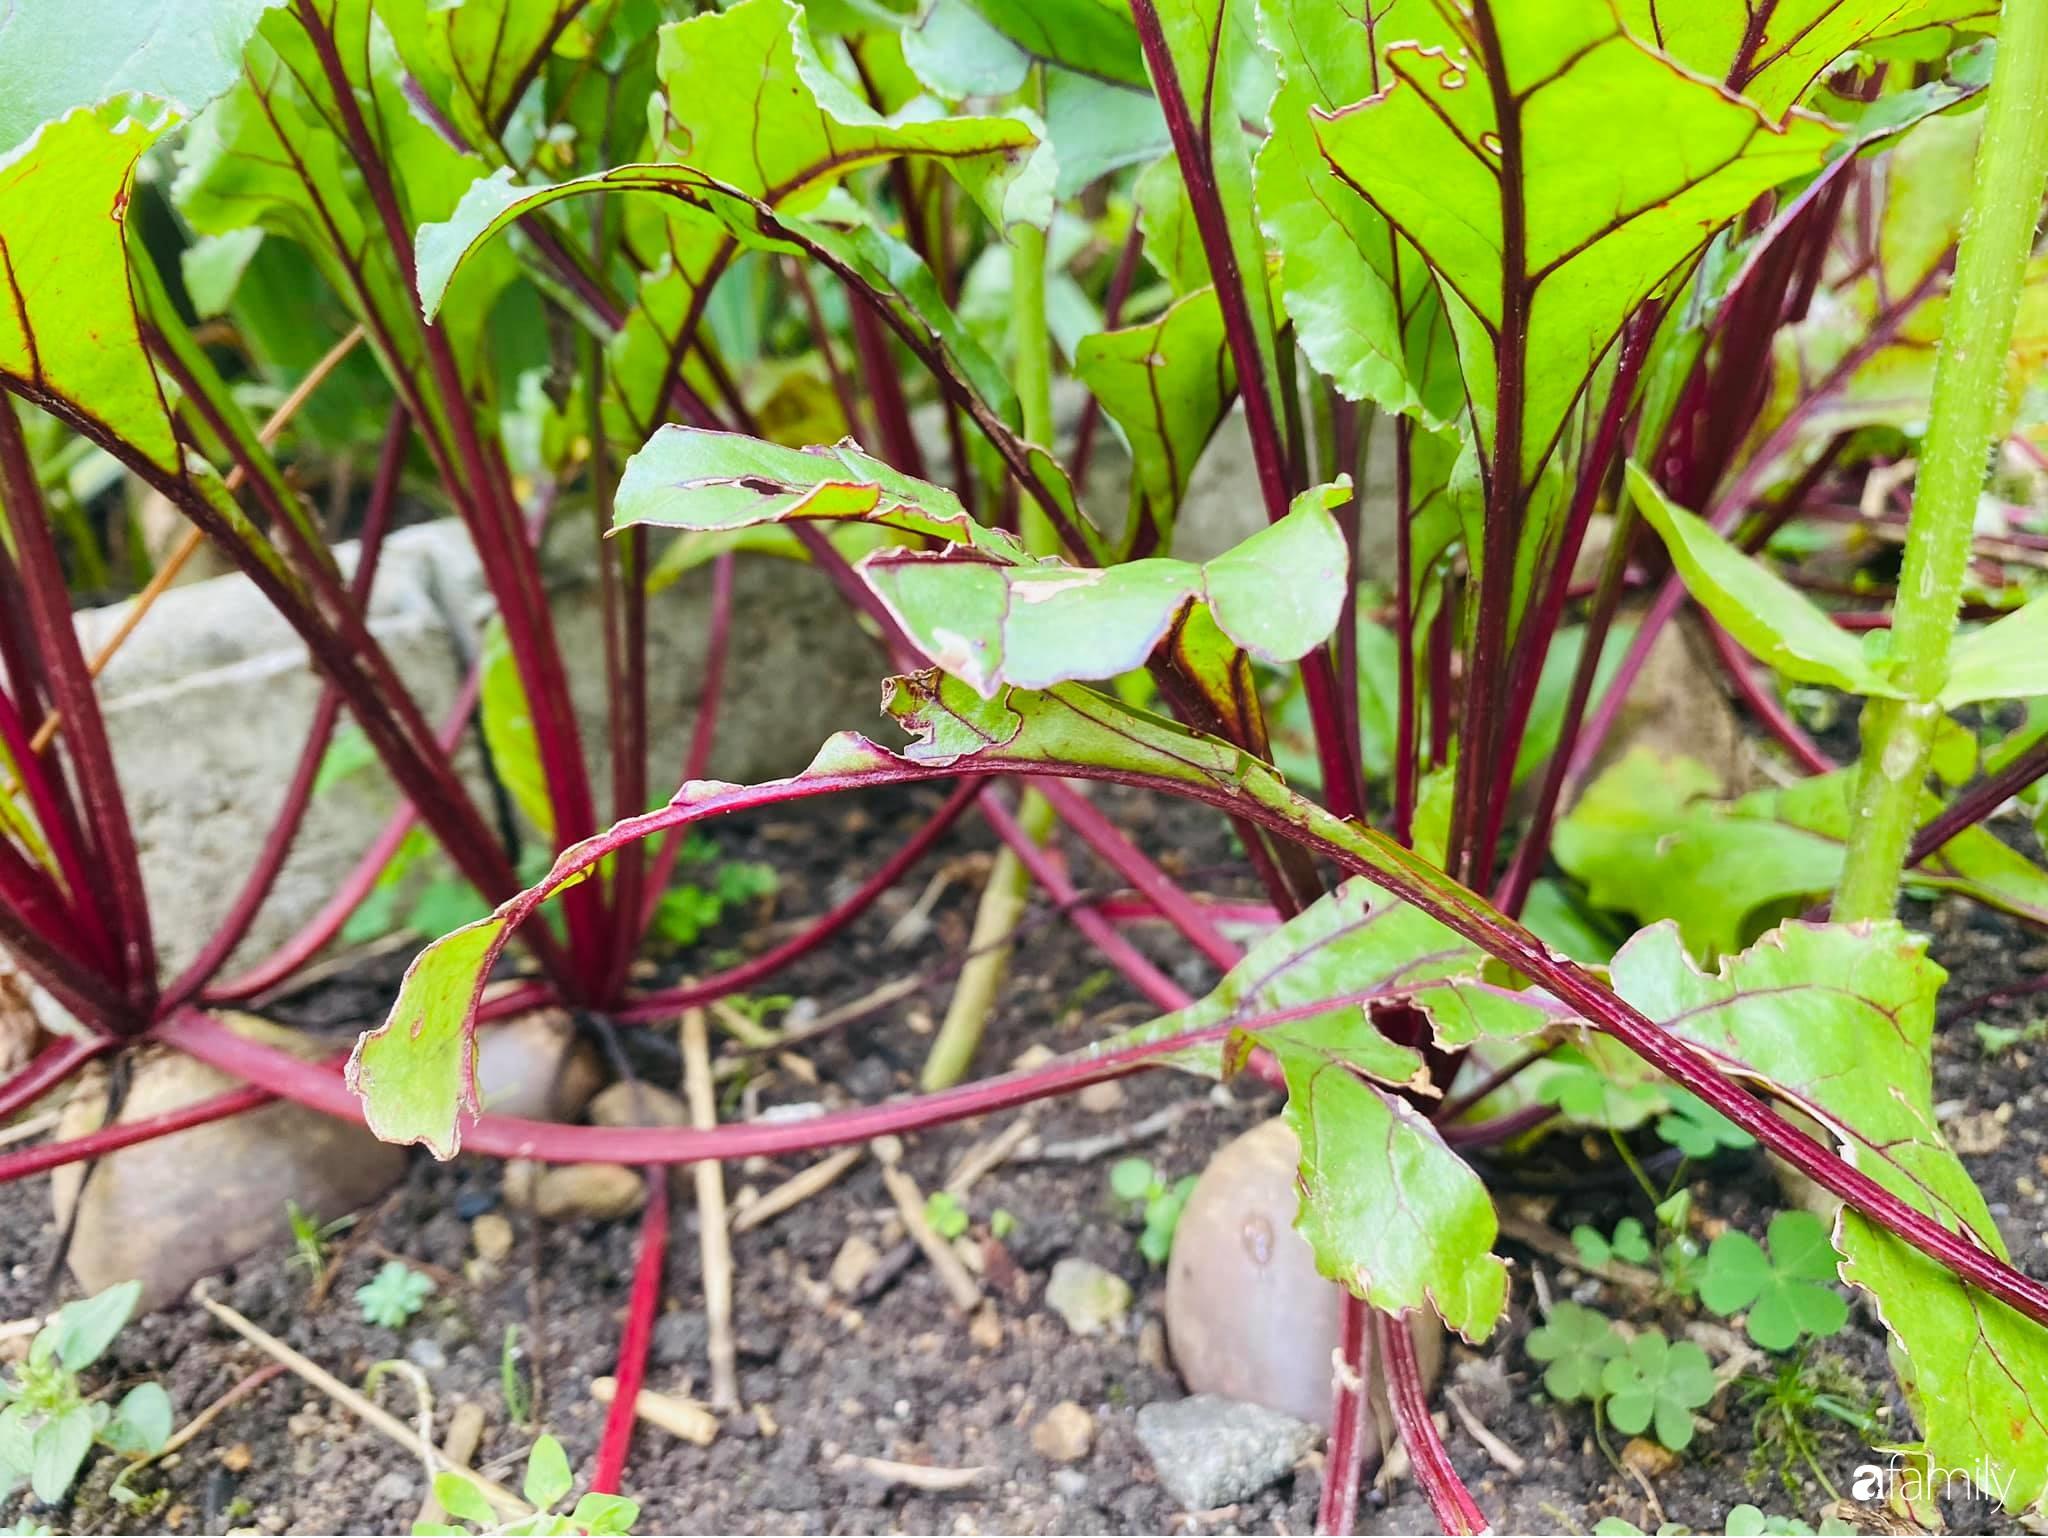 Khu vườn 200m² quanh năm xanh tươi với đủ loại rau quả sạch của mẹ Việt ở Đức - Ảnh 2.